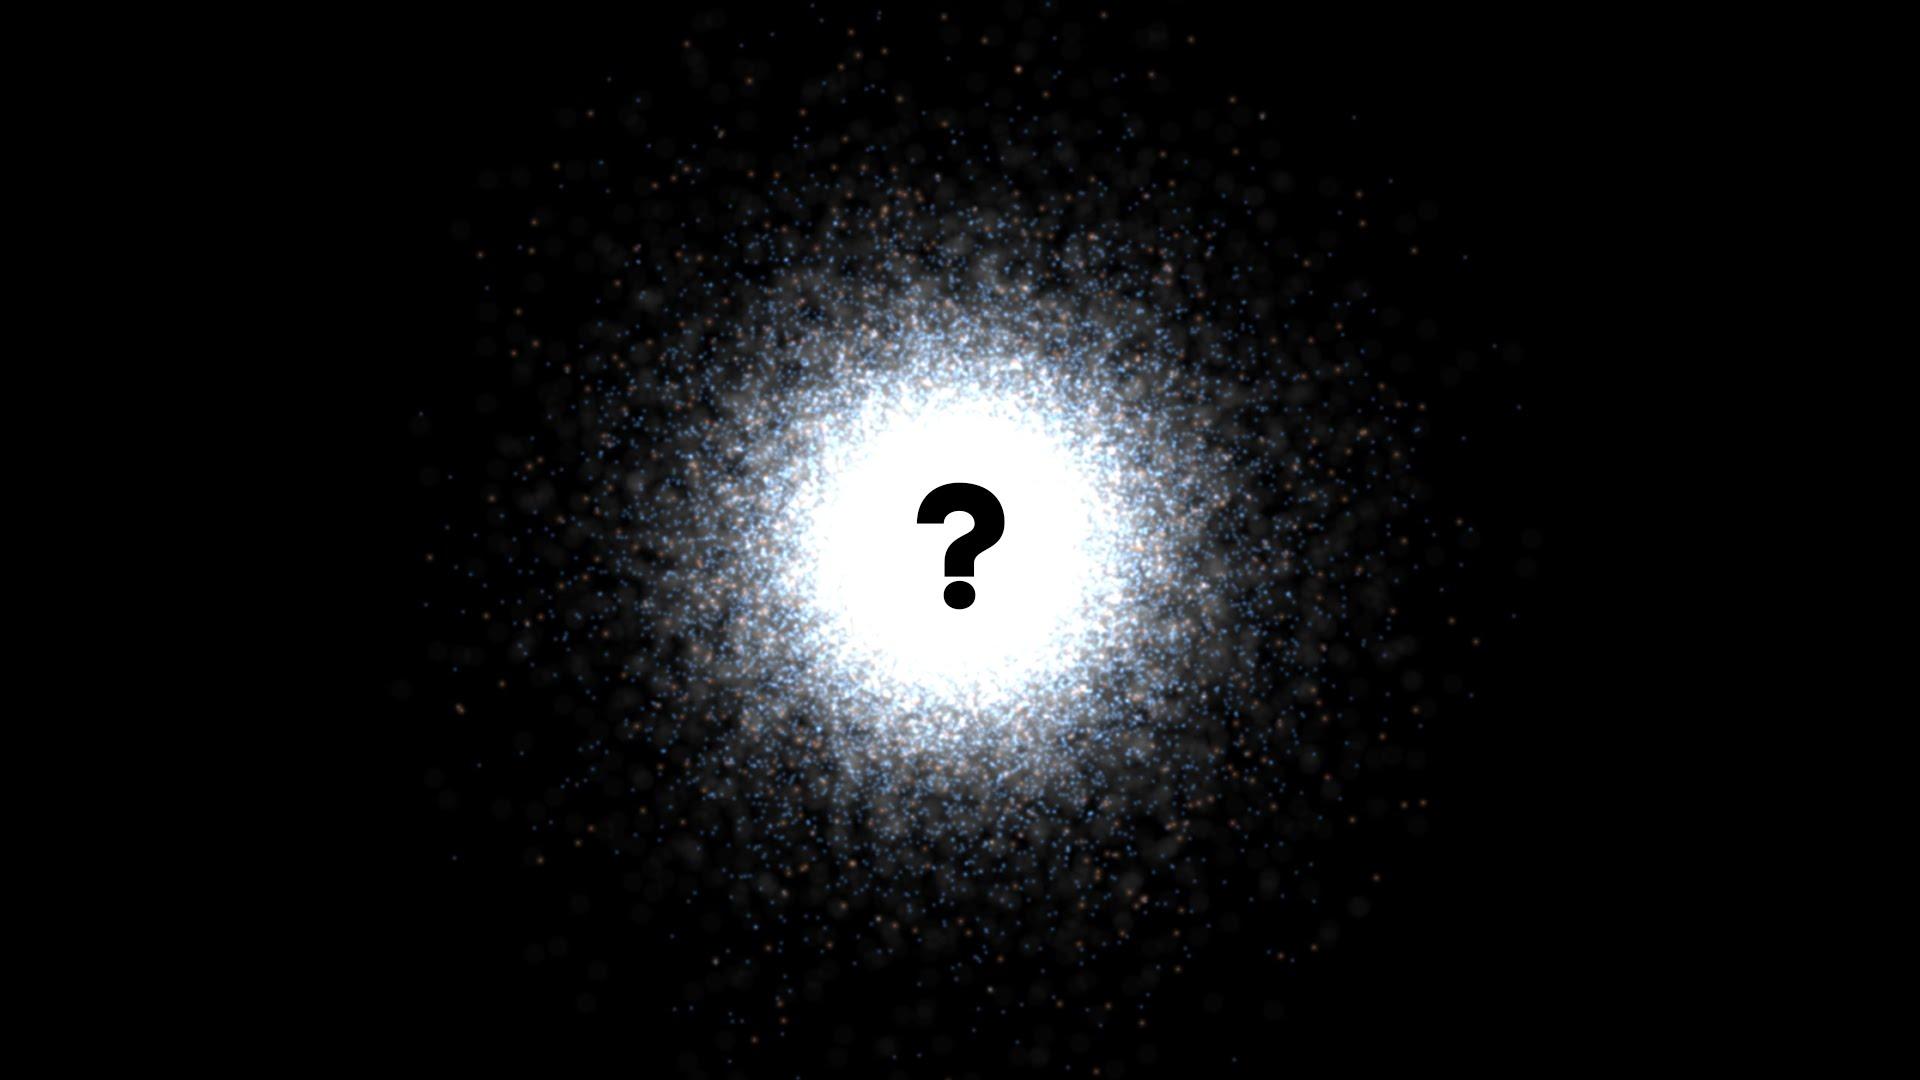 Темная материя и энергия провалились в черную дыру.  не исключено, что на самом деле никакой темной материи и энергии в их привычном представлении не существует